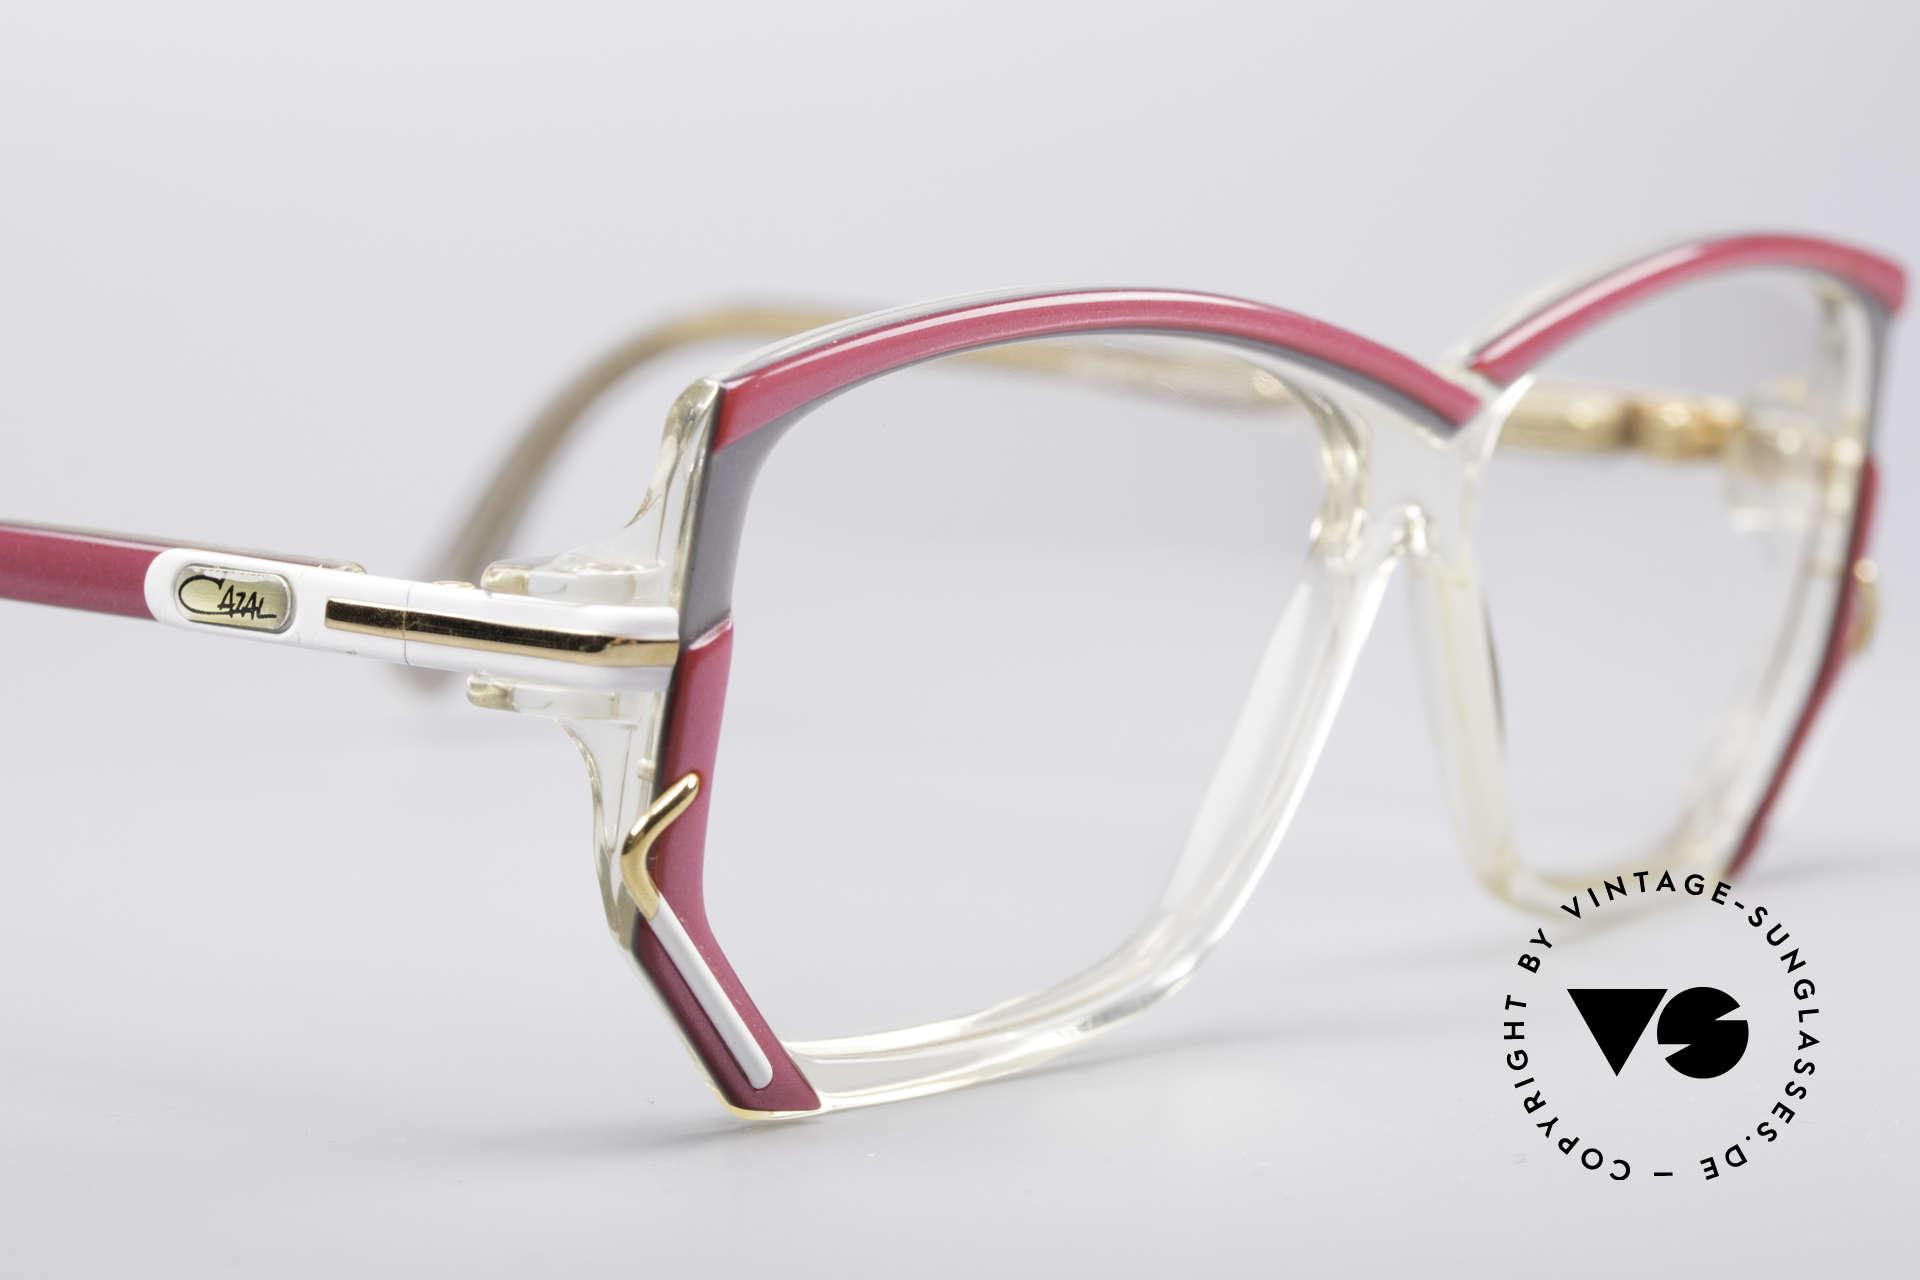 Cazal 197 80er Vintage Designerbrille, KEINE RETROBRILLE, sondern ein altes orig. Unikat, Passend für Damen